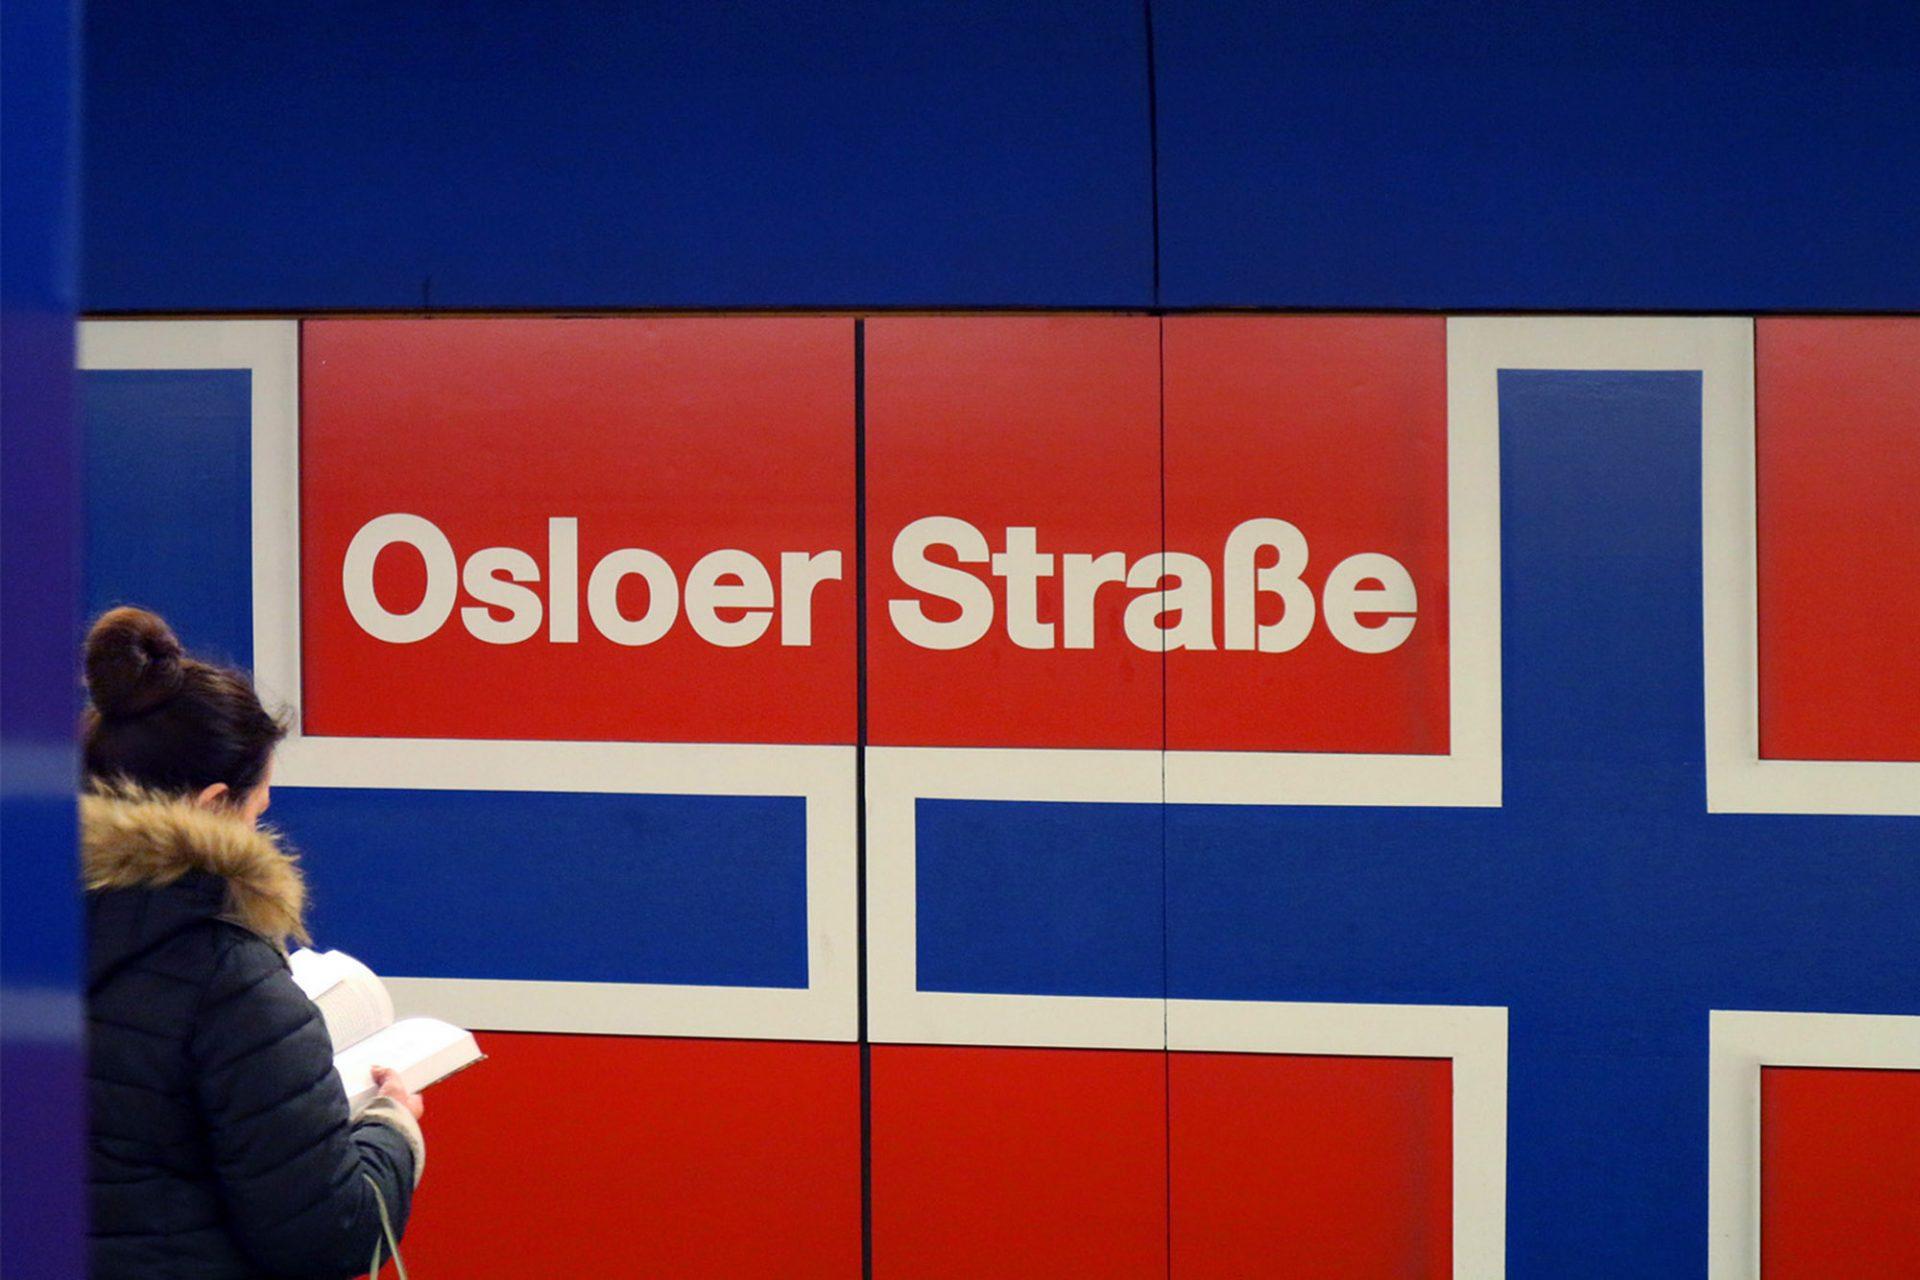 Osloer Straße. Der Kreuzungsbahnhof wurde am 30. April 1976 (U9) und 05. Oktober 1977 (U8) in Betrieb genommen. Die Gleiswände beider Bahnsteige sind mit norwegischen Fahnen bekleidet und nehmen damit Bezug auf die darüber liegende Straße.